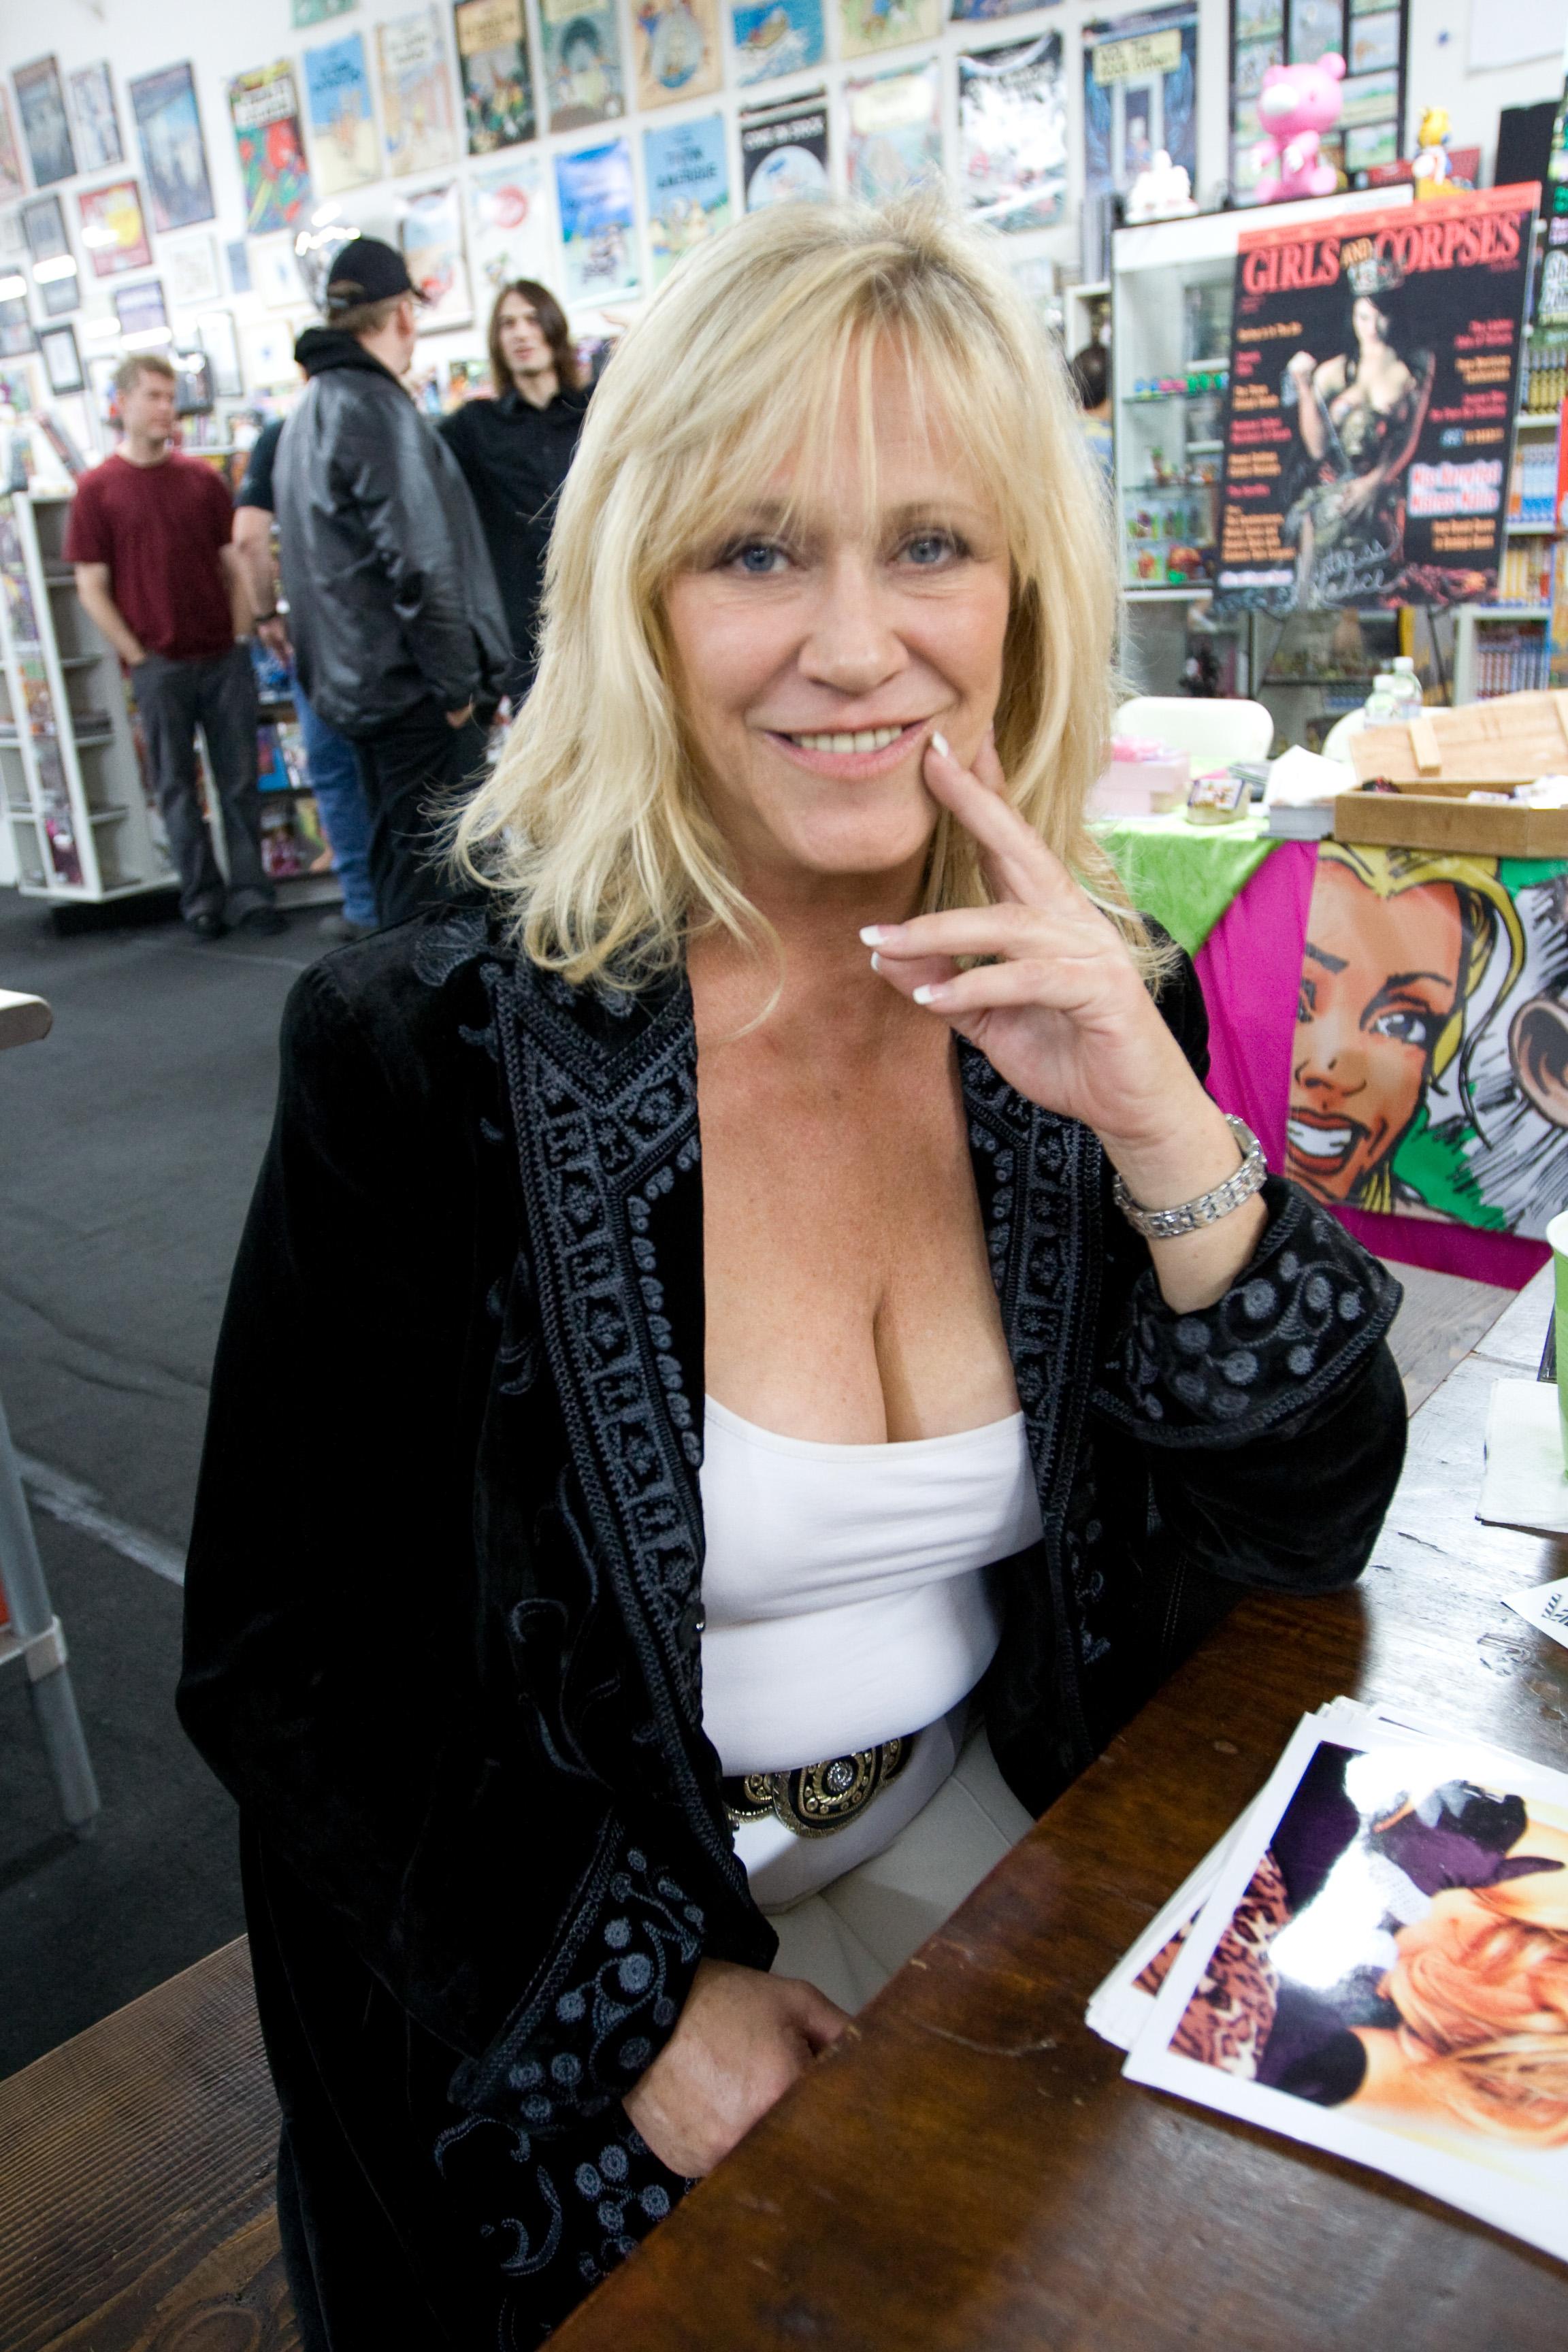 Titjob bra porn tube of titjob bra free best